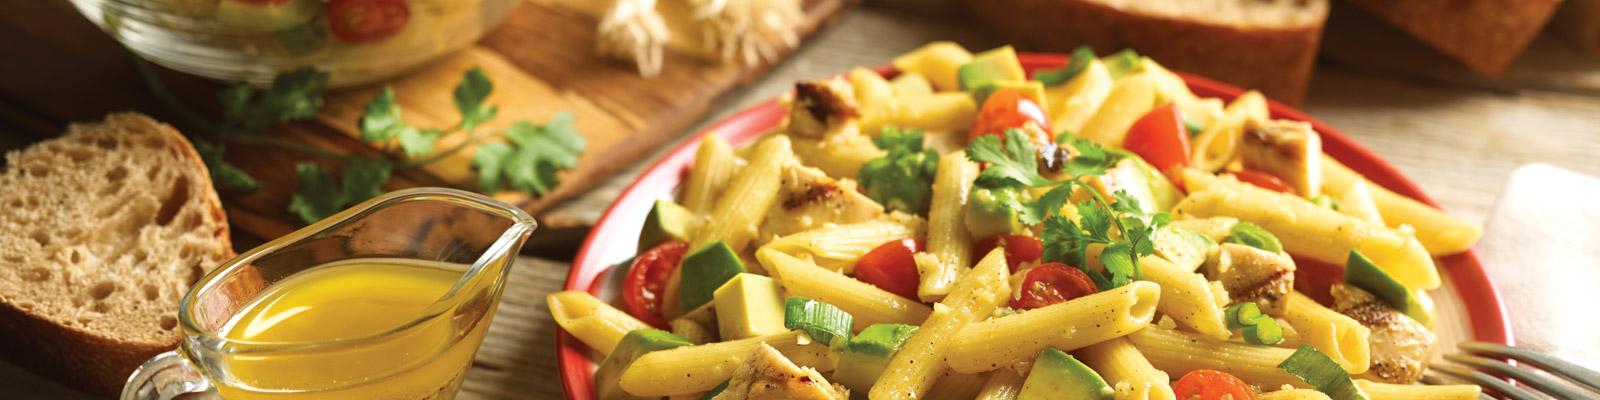 1600x400-Recipe-Avocado-Chicken-Pasta-Salad.jpg